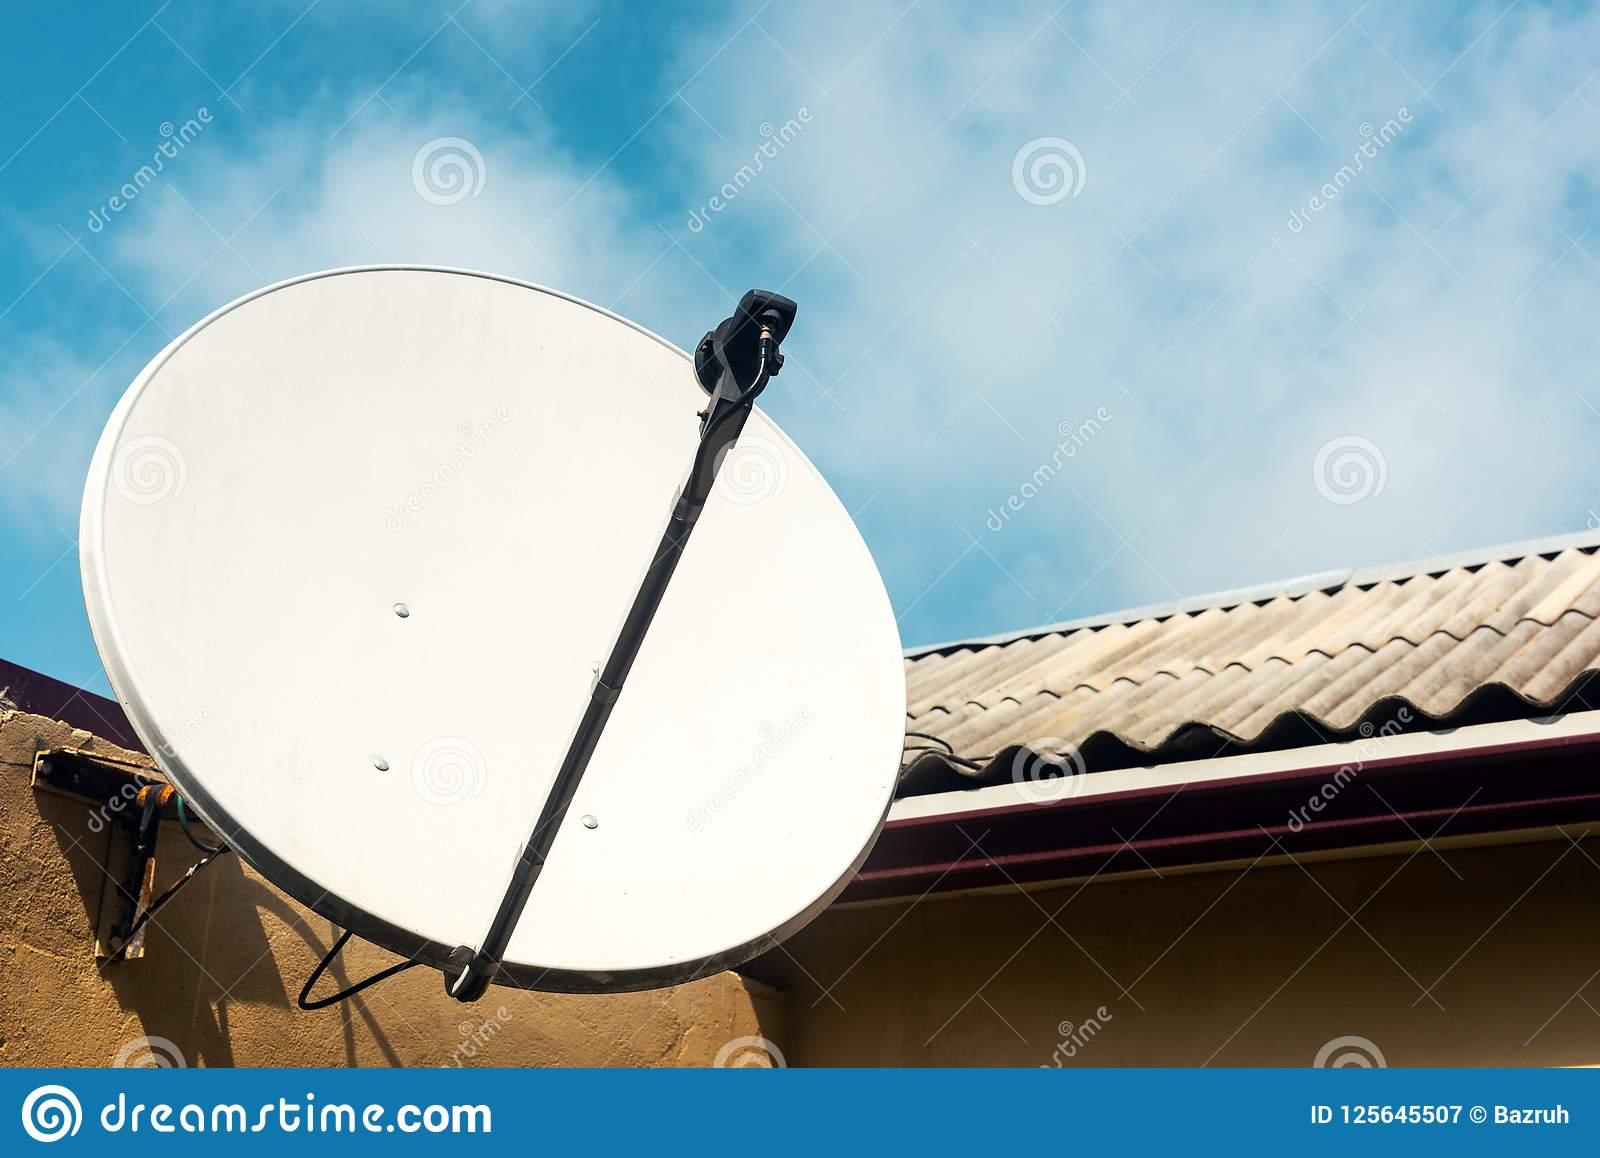 Antena parabólica na parede de uma casa de campo